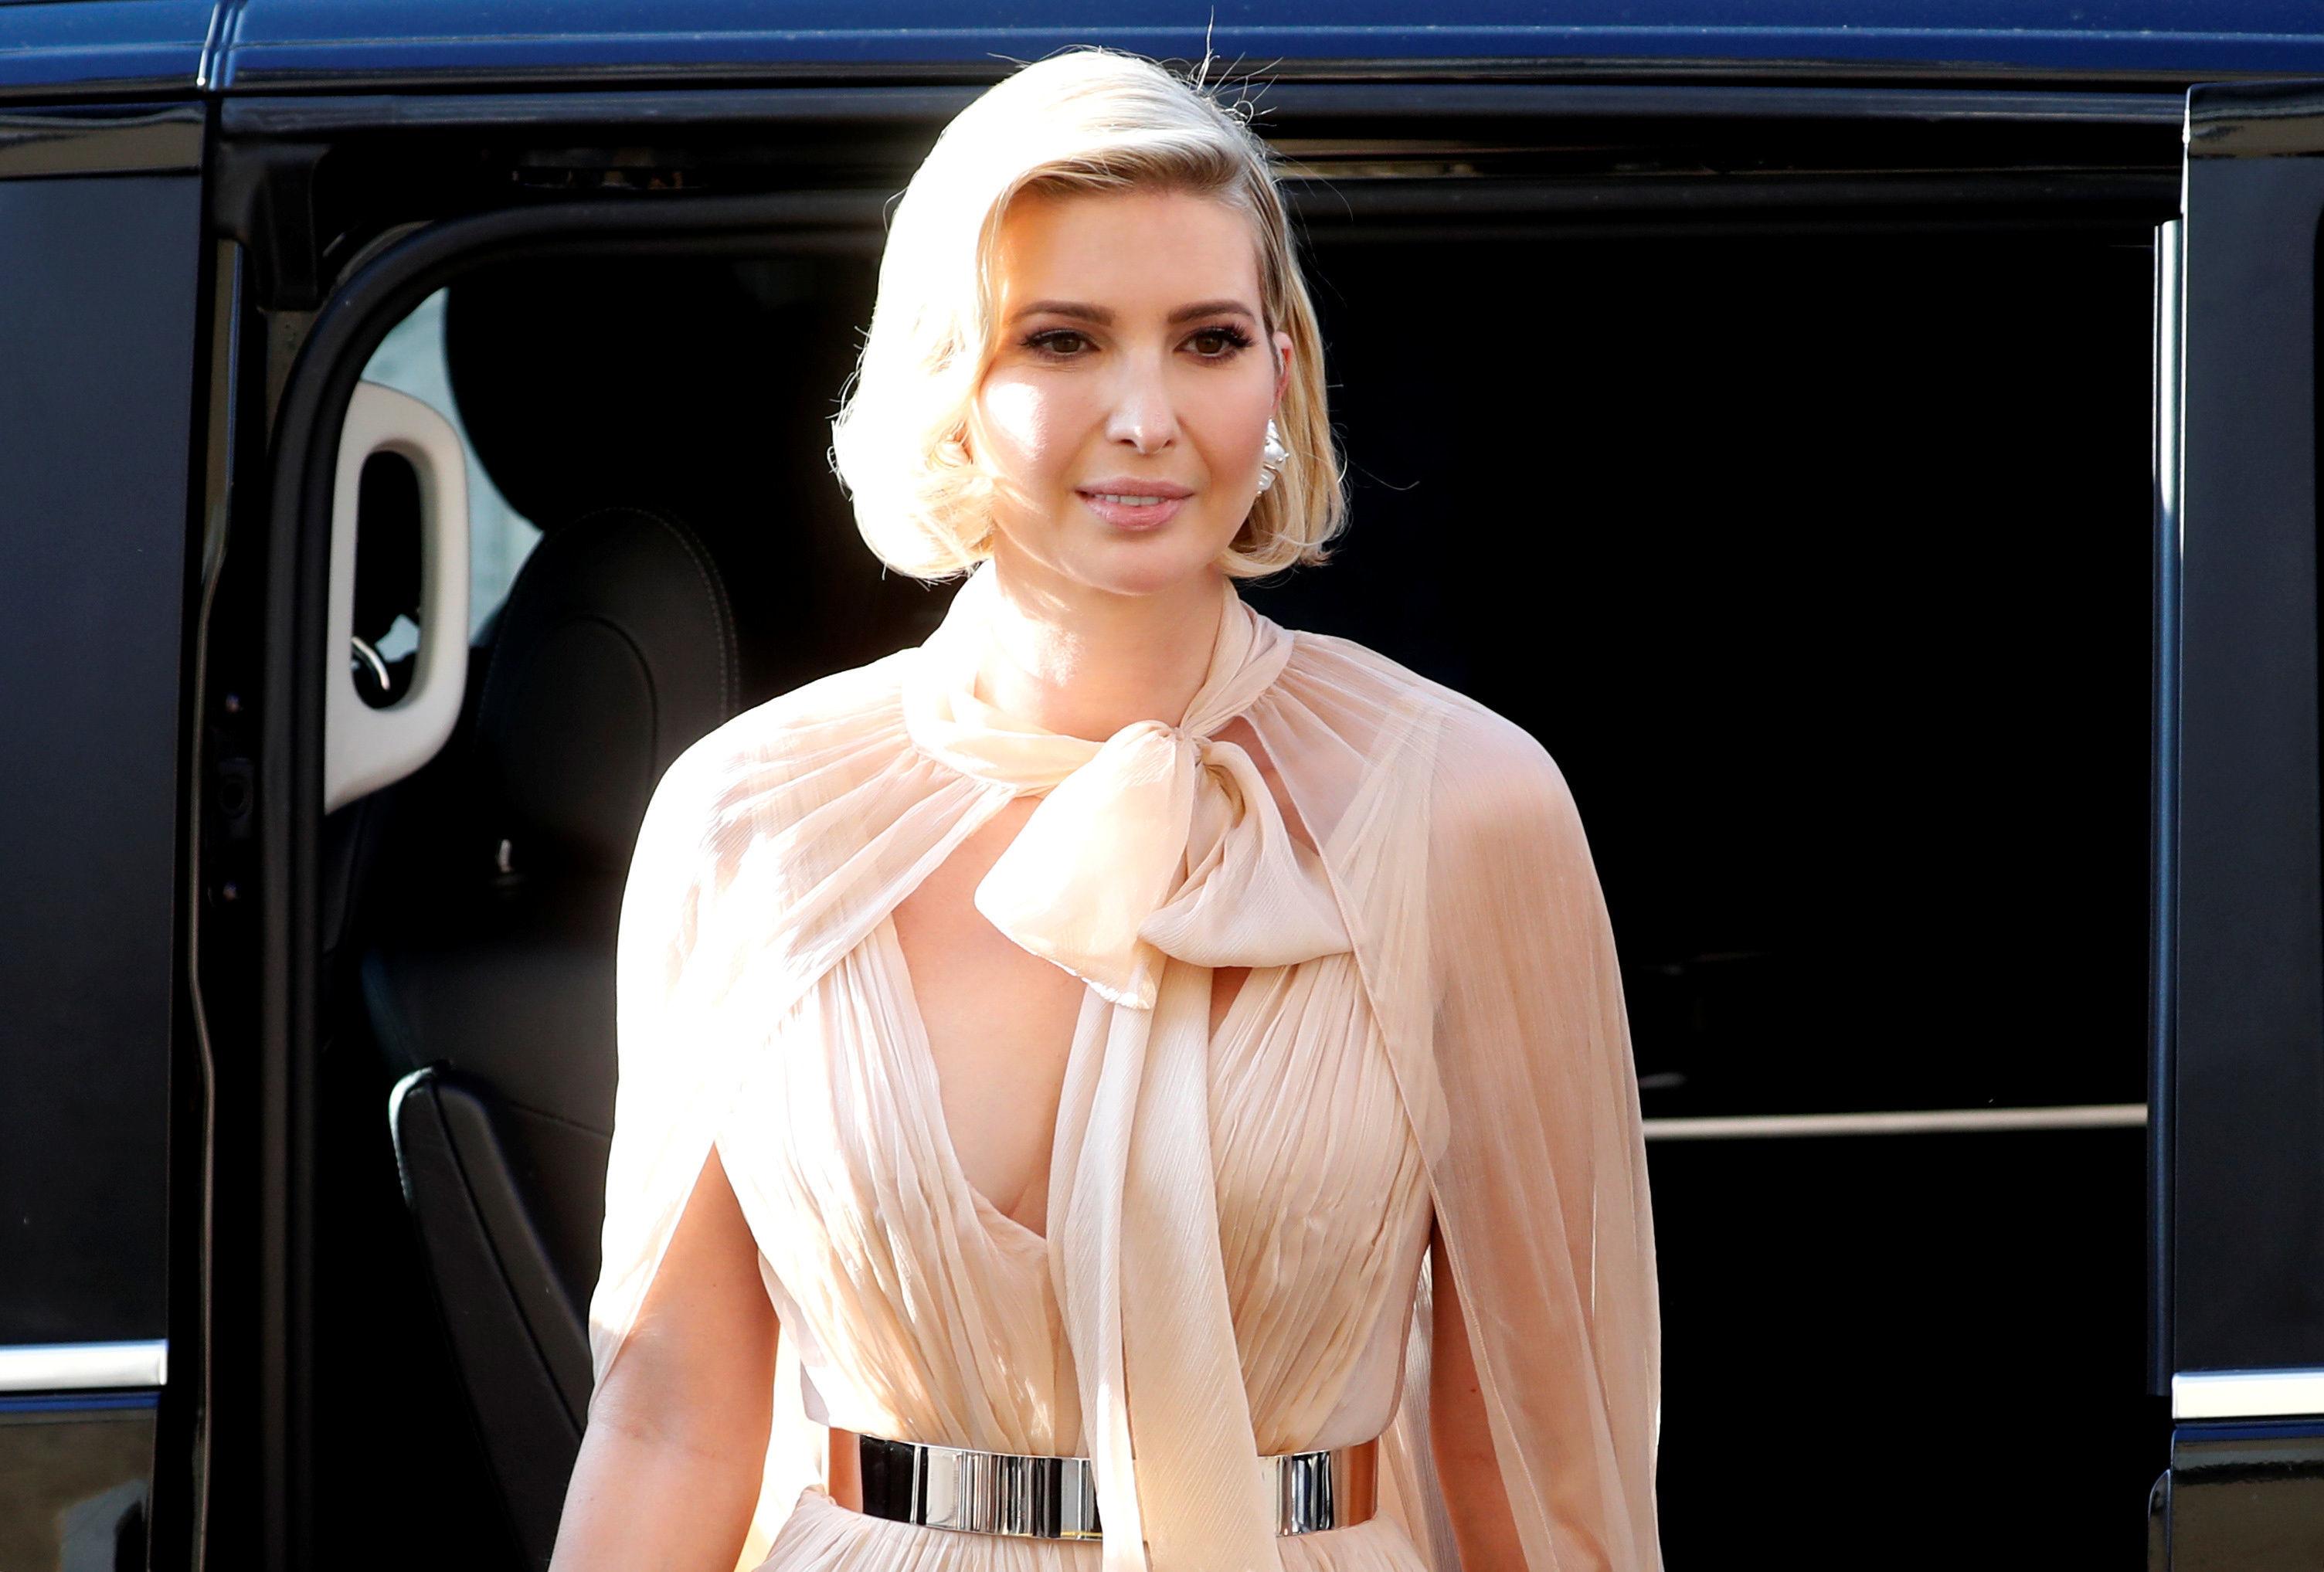 إيفانكا ترامب في حفل زفاف مصممة الأزياء الإيطالية ميشا نونو، 20 سبتمبر/أيلول 2019